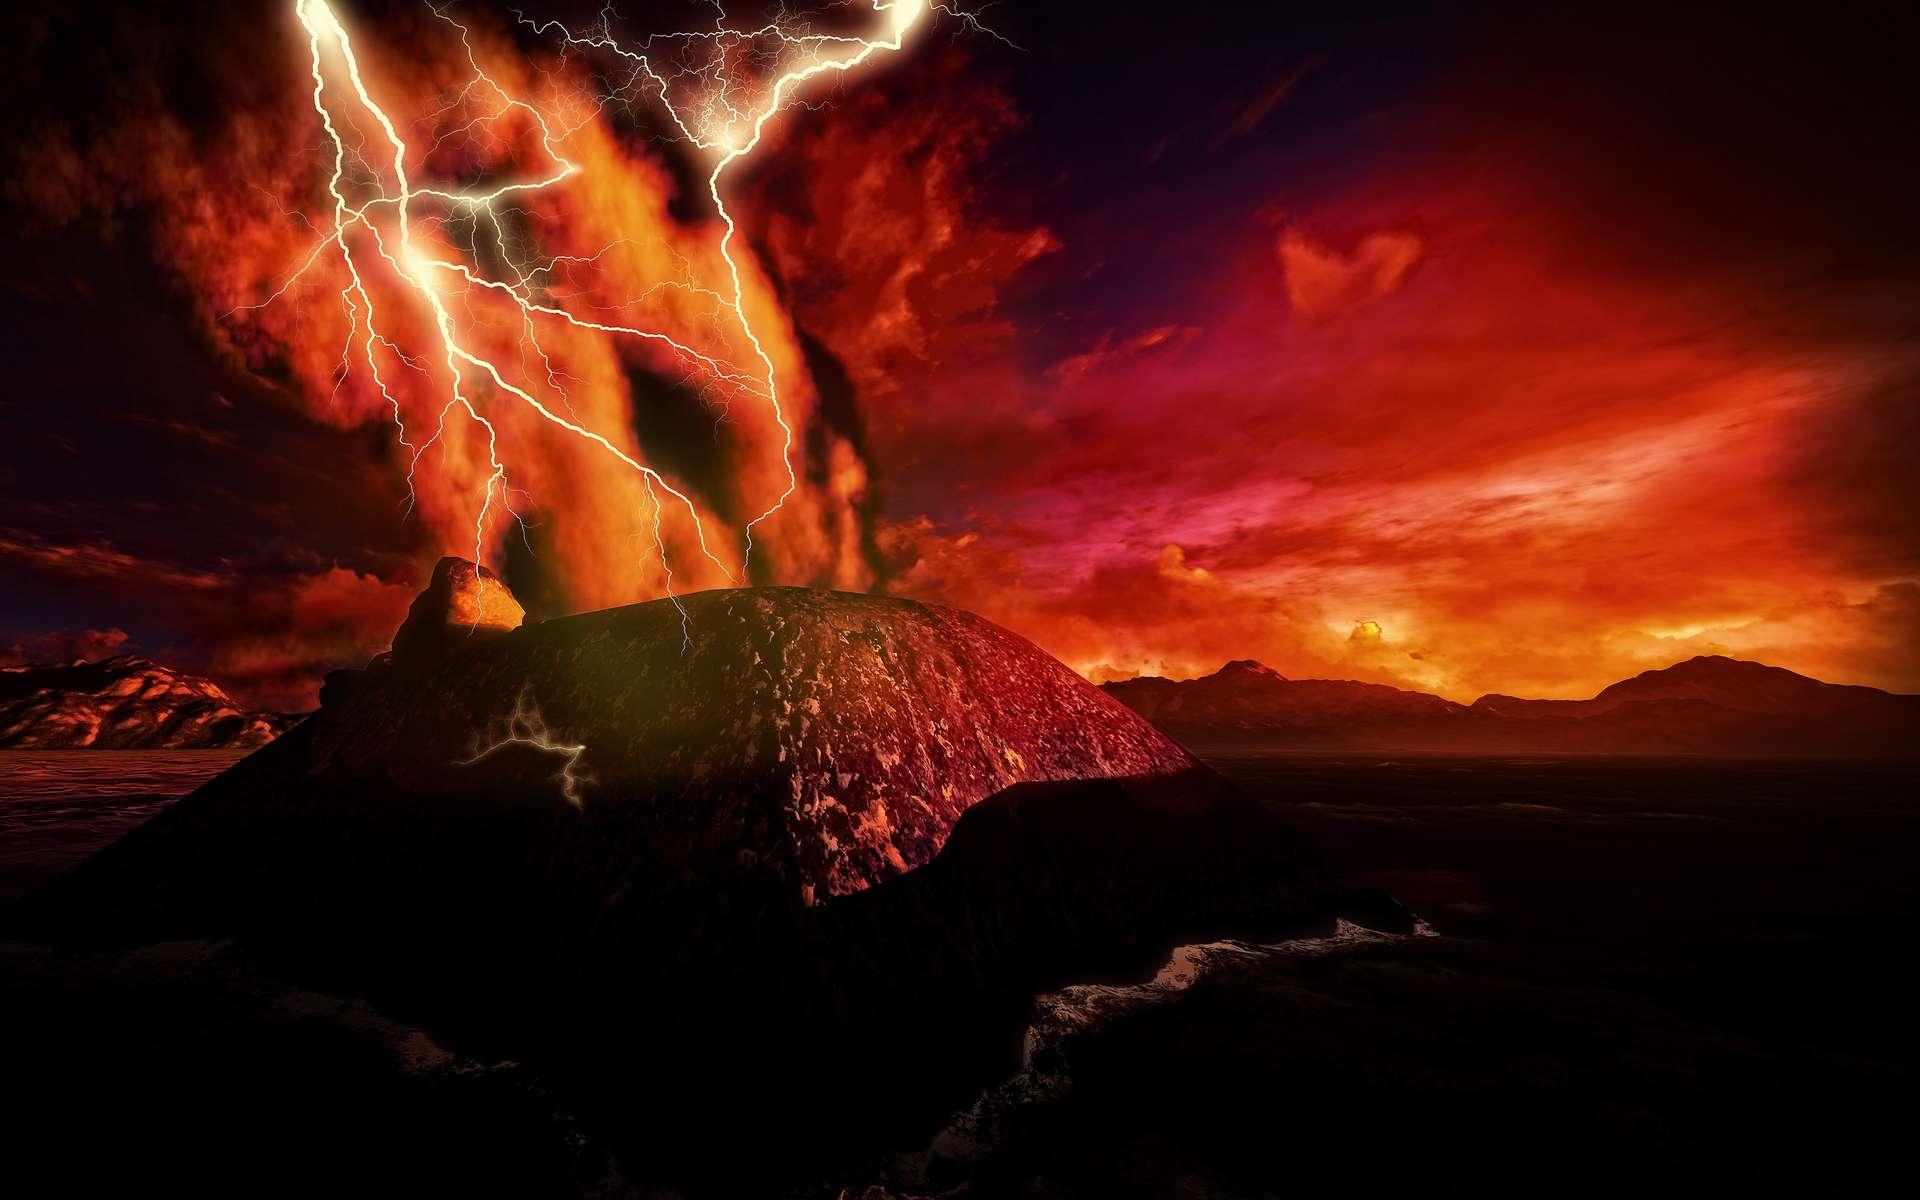 Olympus Mons est l'un des volcans de Mars. L'un des plus hauts reliefs du Système solaire. Mais ce n'est pas de lui que sont venues les milliers d'éruptions volcaniques explosives qui se sont produites sur la planète rouge pendant 500 millions d'années, il y a 4 milliards d'années. © satori, Adobe Stock